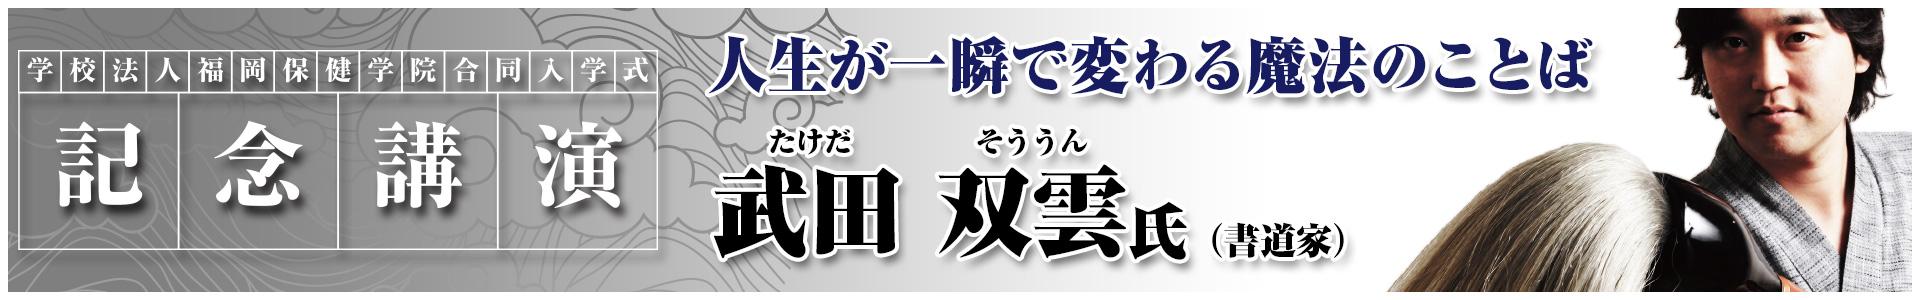 福岡保健学院合同入学式